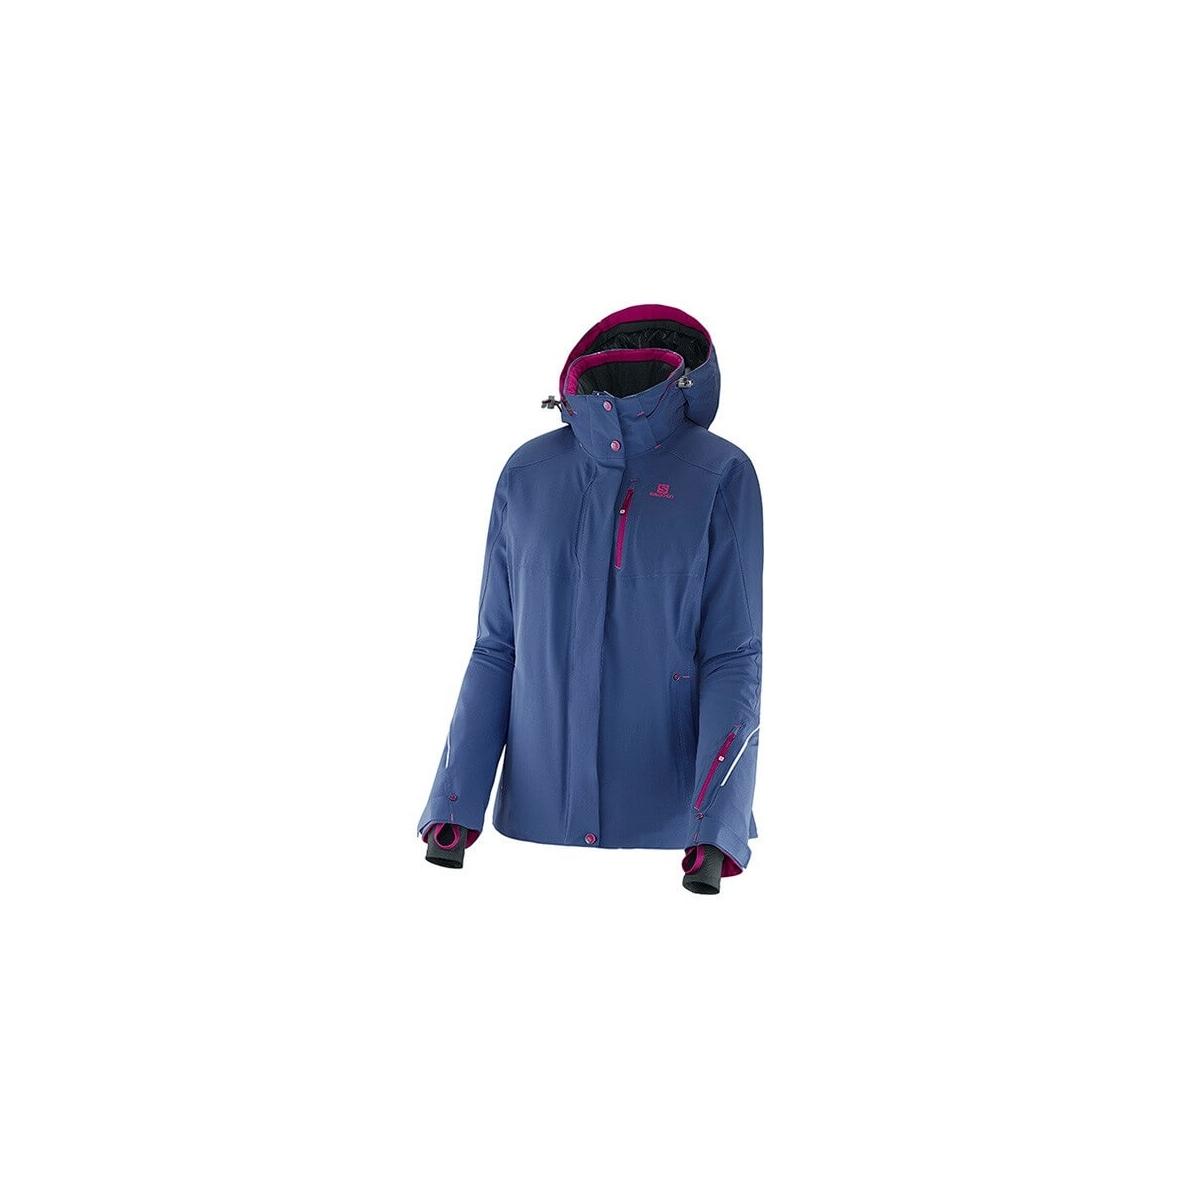 Brillant Veste De Jacket Salomon Ski Femme q7qtBrApw